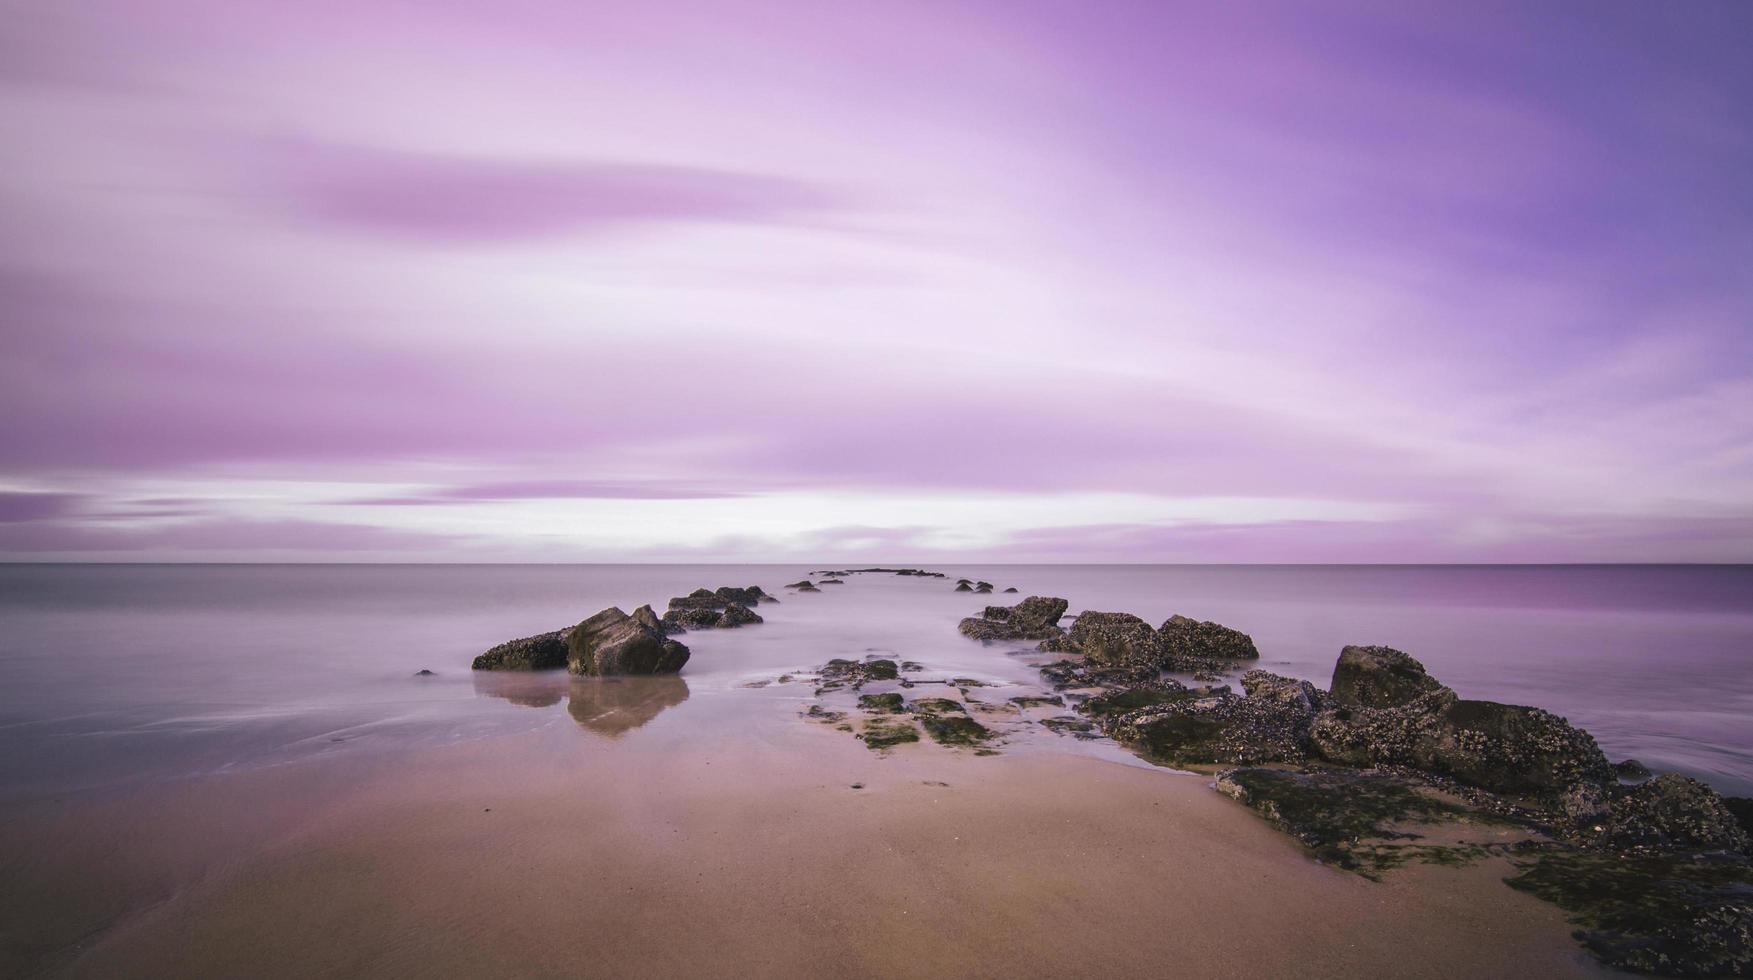 tramonto rosa al mare del nord foto